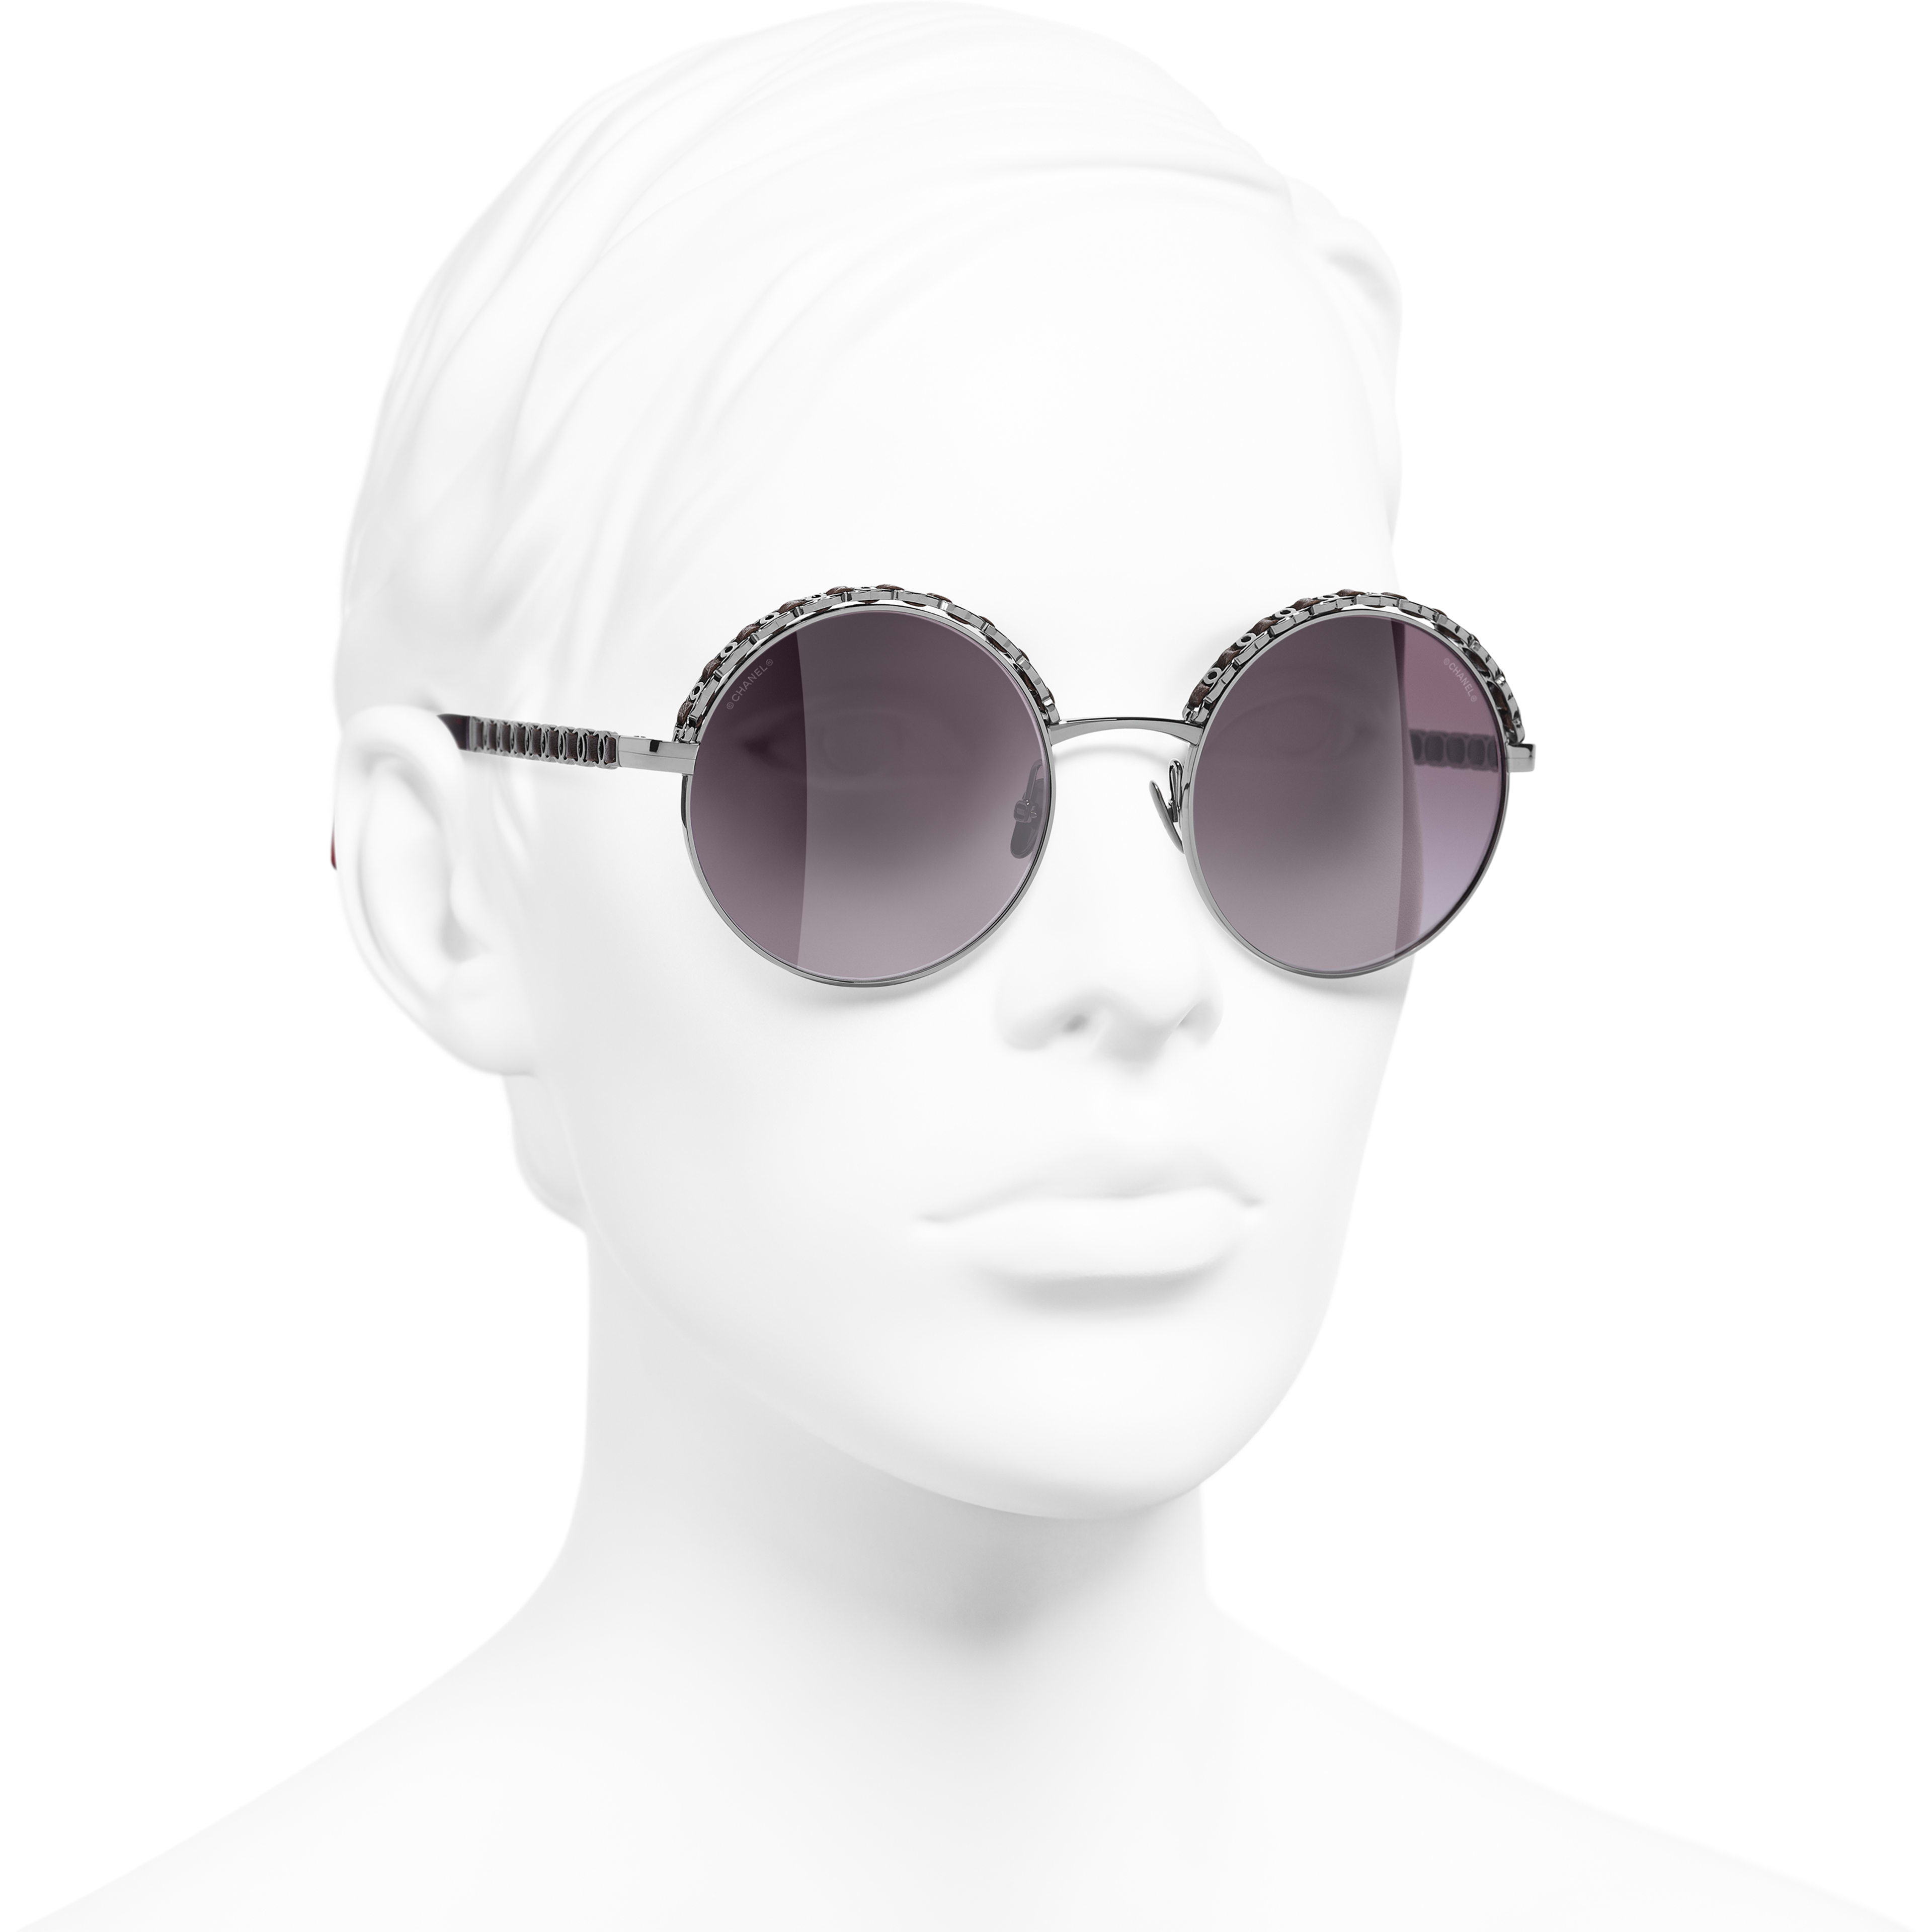 แว่นตากันแดดทรงกลม - สีเงินเข้มและสีแดง - โลหะและหนังลูกวัว - CHANEL - มุมมองการสวมใส่ 3/4 - ดูเวอร์ชันขนาดมาตรฐาน